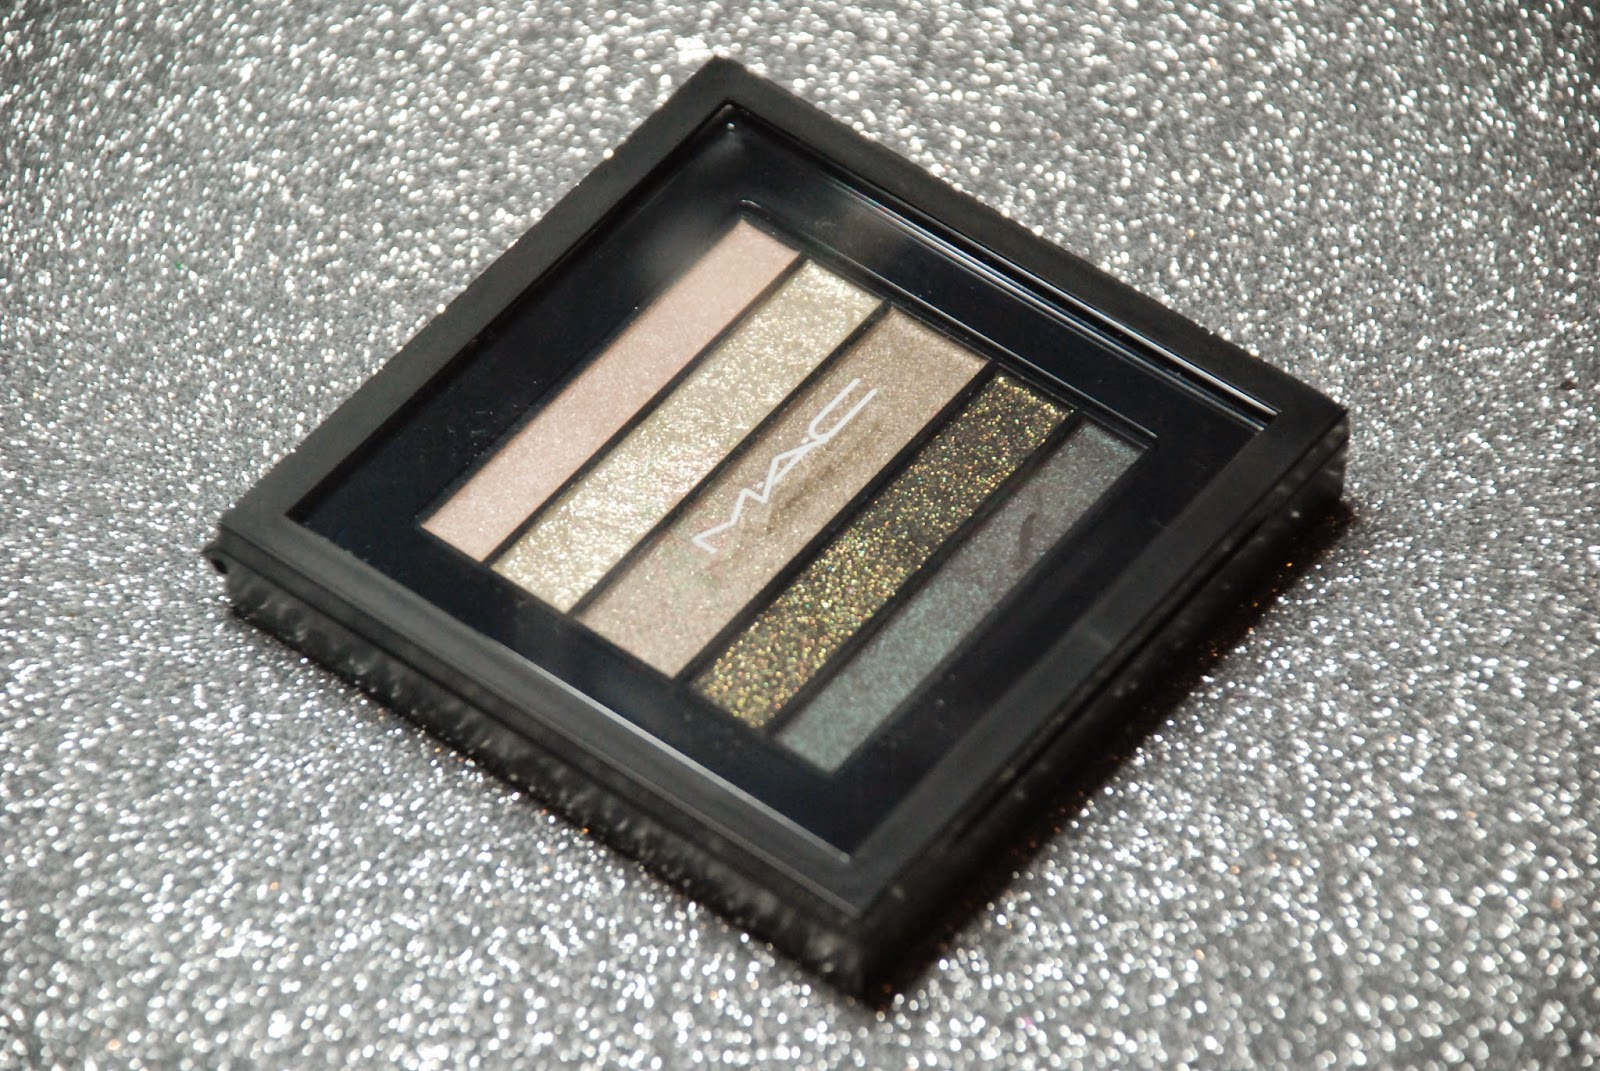 MAC Greenluxe paletka cieni. Recenzja + makijaż.